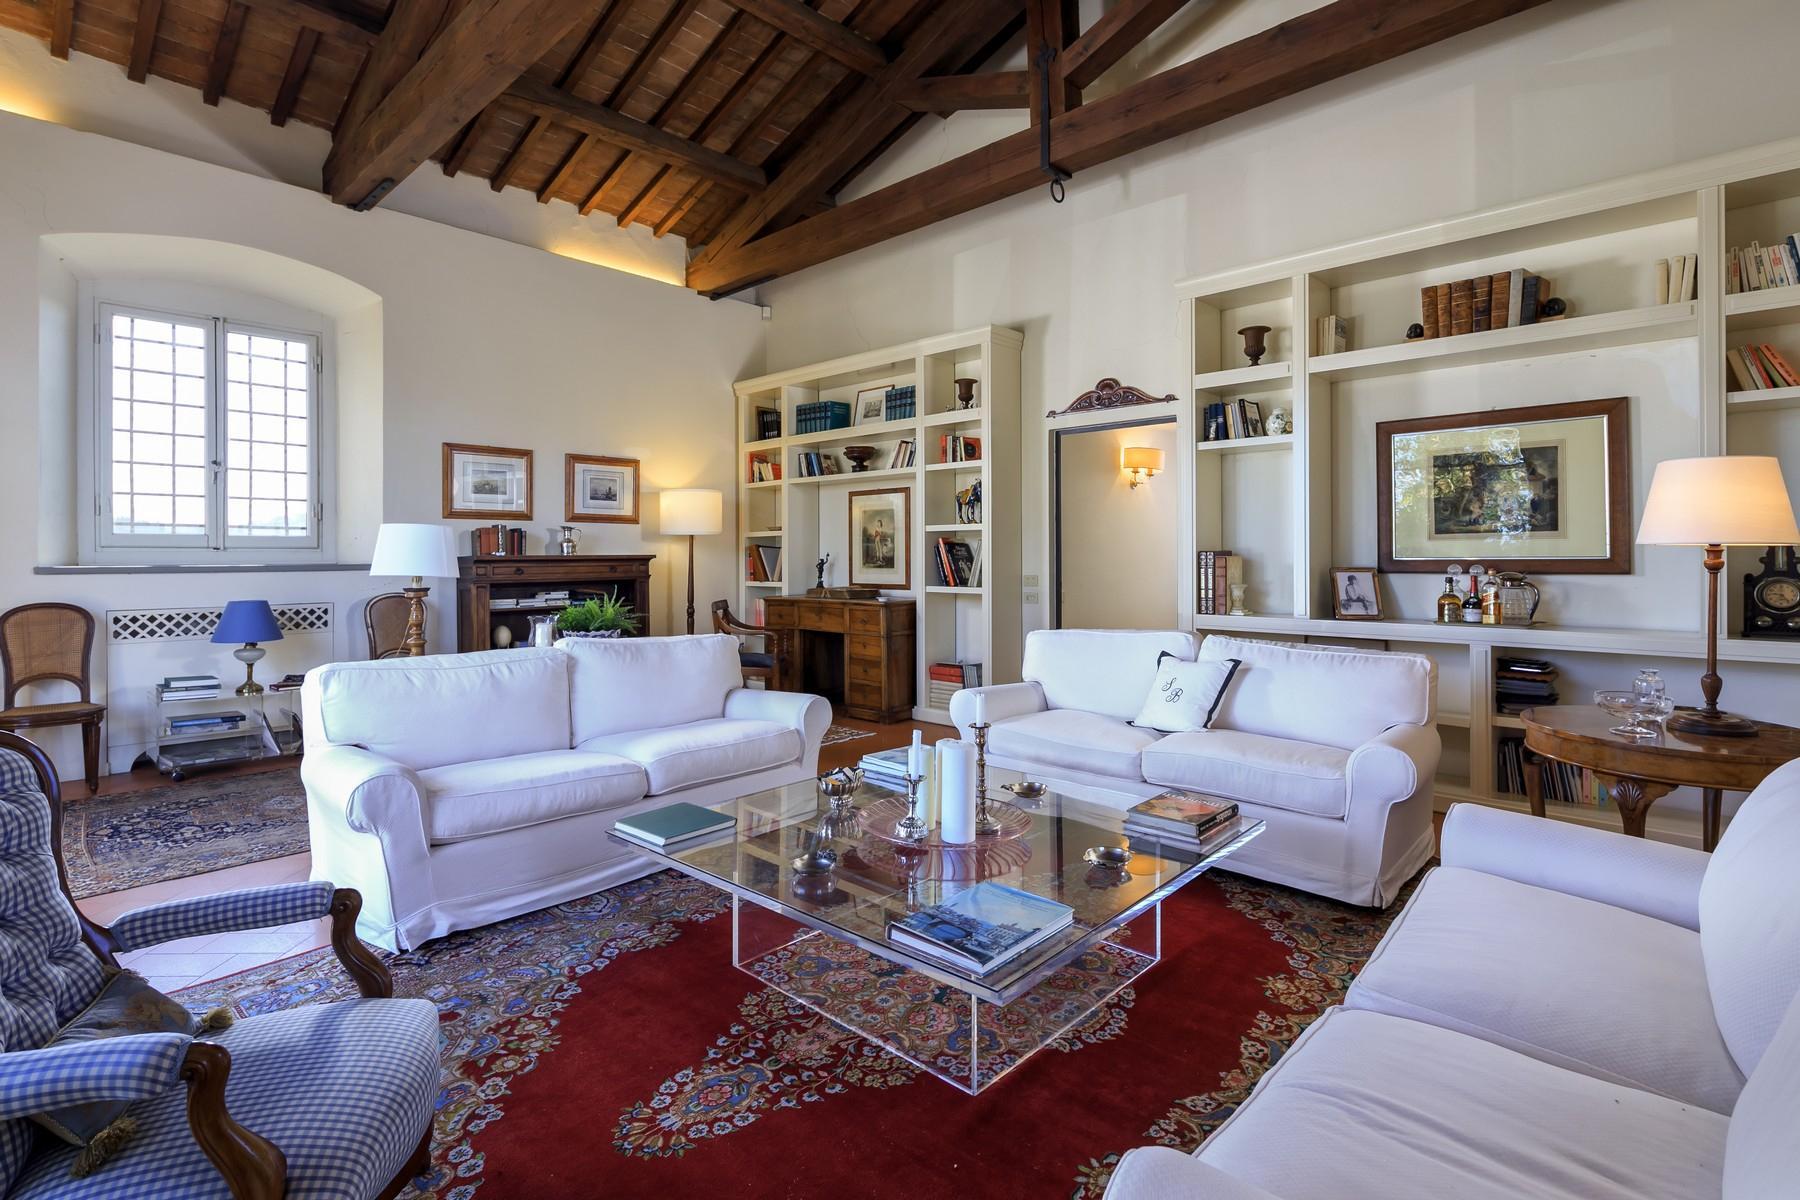 Wunderschöne Immobilien mit atemberaubendem Blick auf Florenz - 25